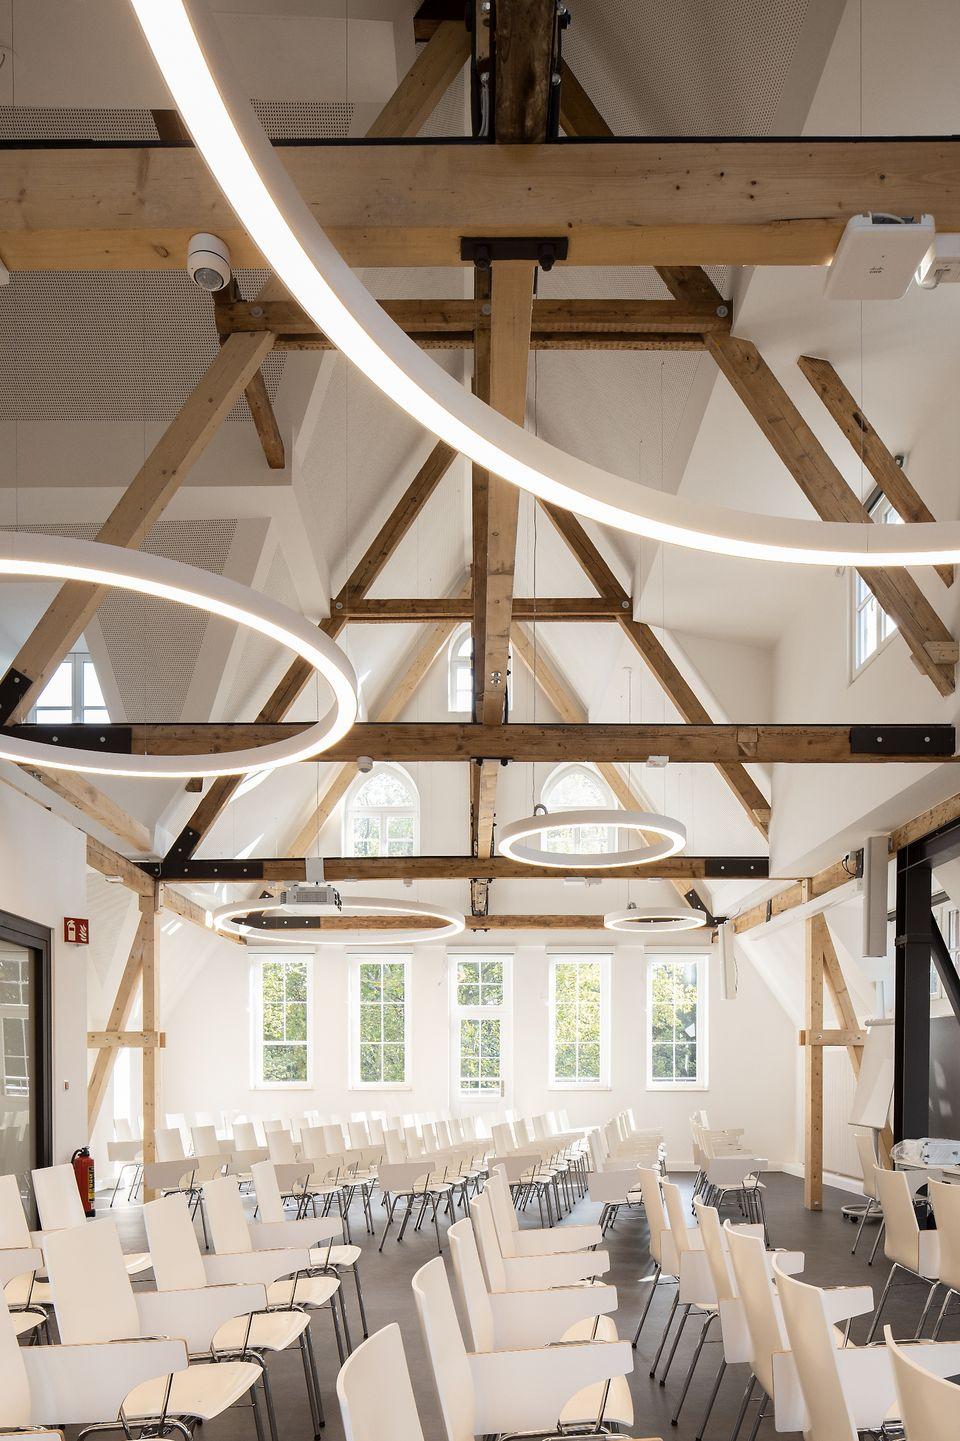 Fliedner Fachhochschule im Luise Fliedner Haus   Architektenkammer ...